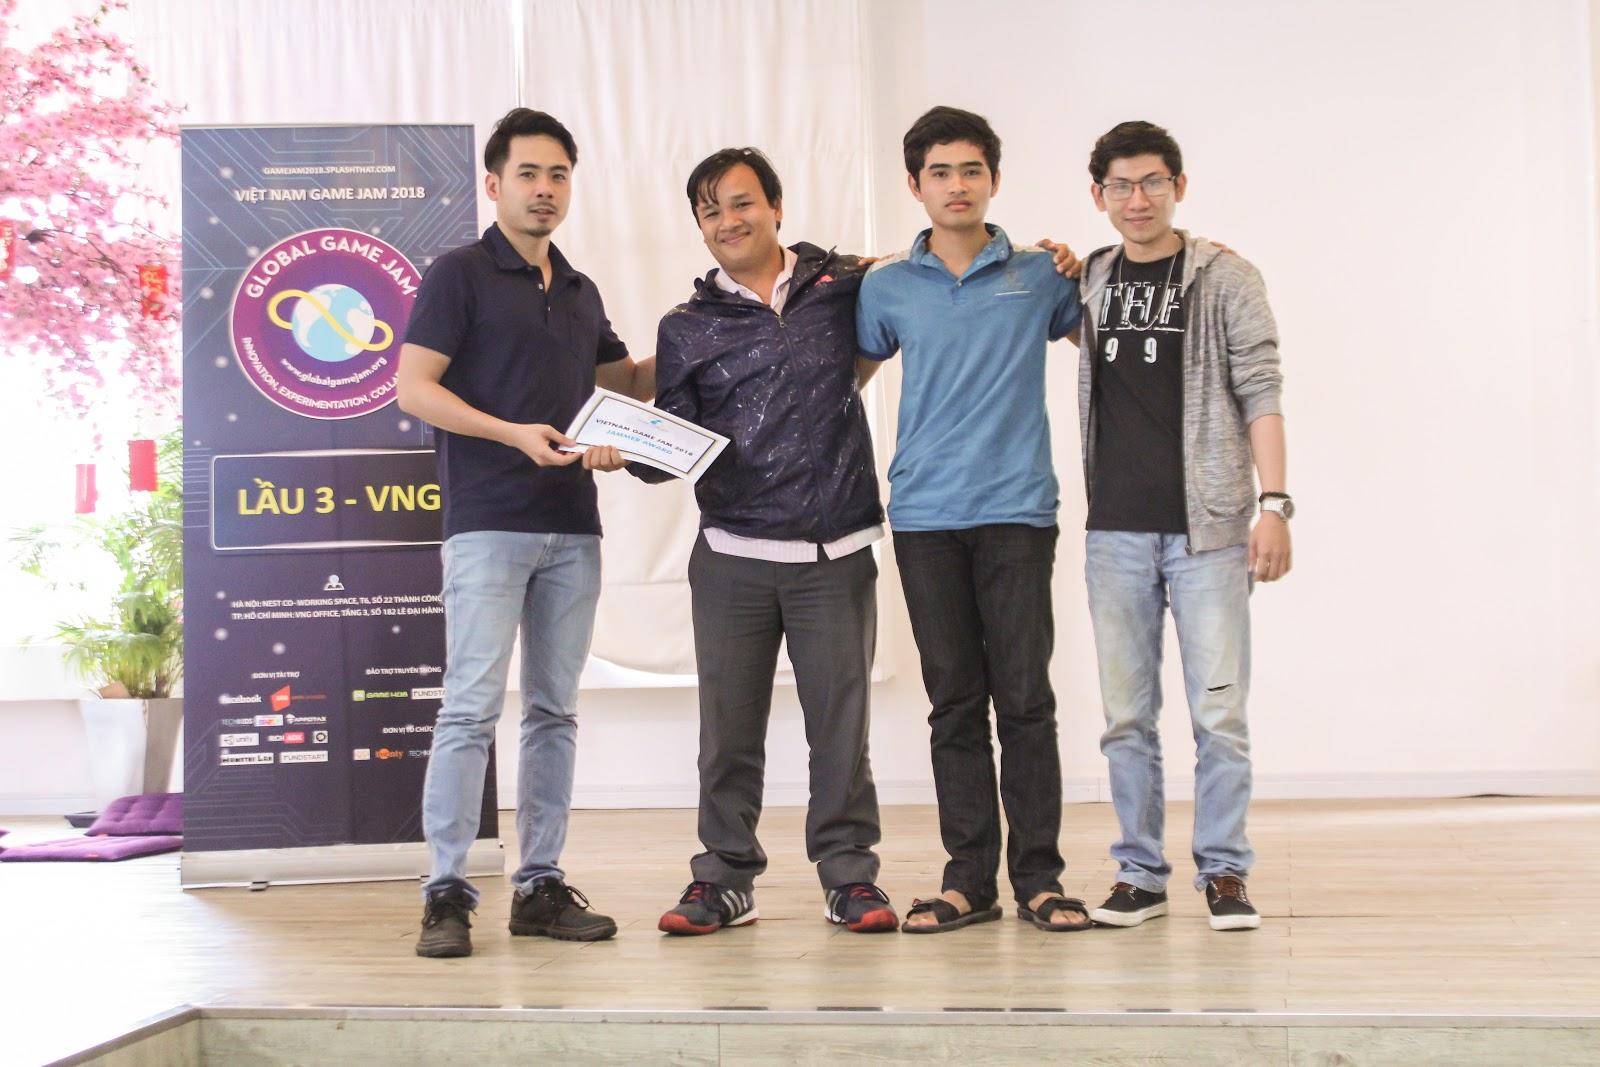 BGK trao tặng giấy chứng nhận tham dự cuộc thi Vietnam Game Jam 2018 cho các đội